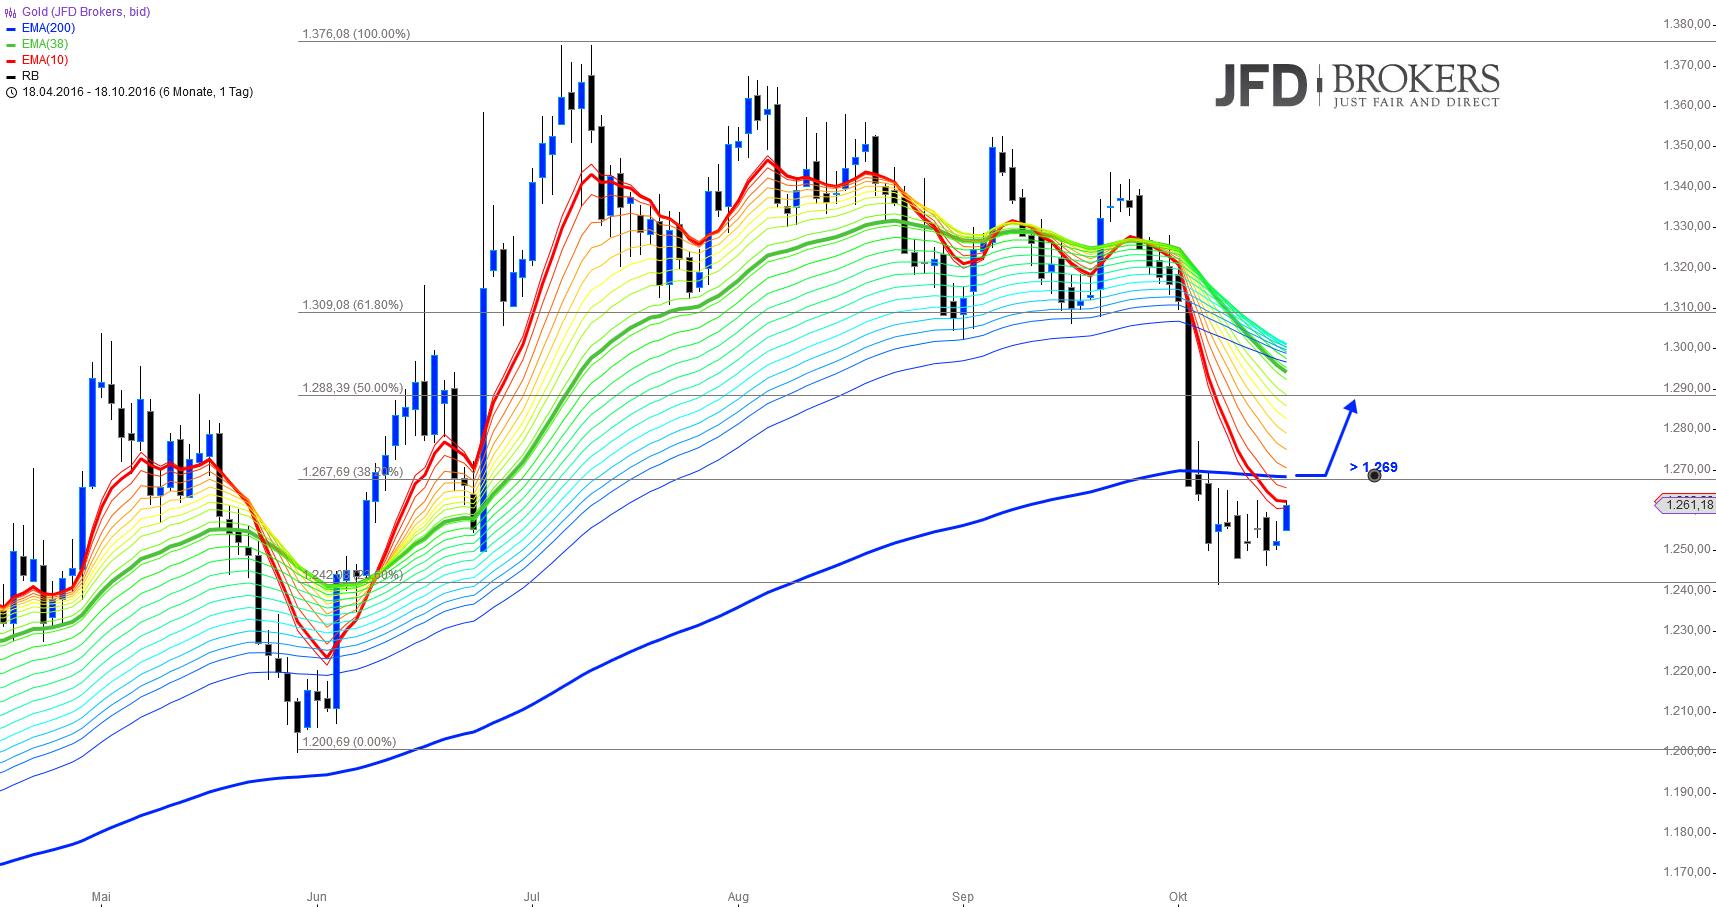 Gold-Silber-Ende-der-Konsolidierungsphase-Kommentar-JFD-Brokers-GodmodeTrader.de-1